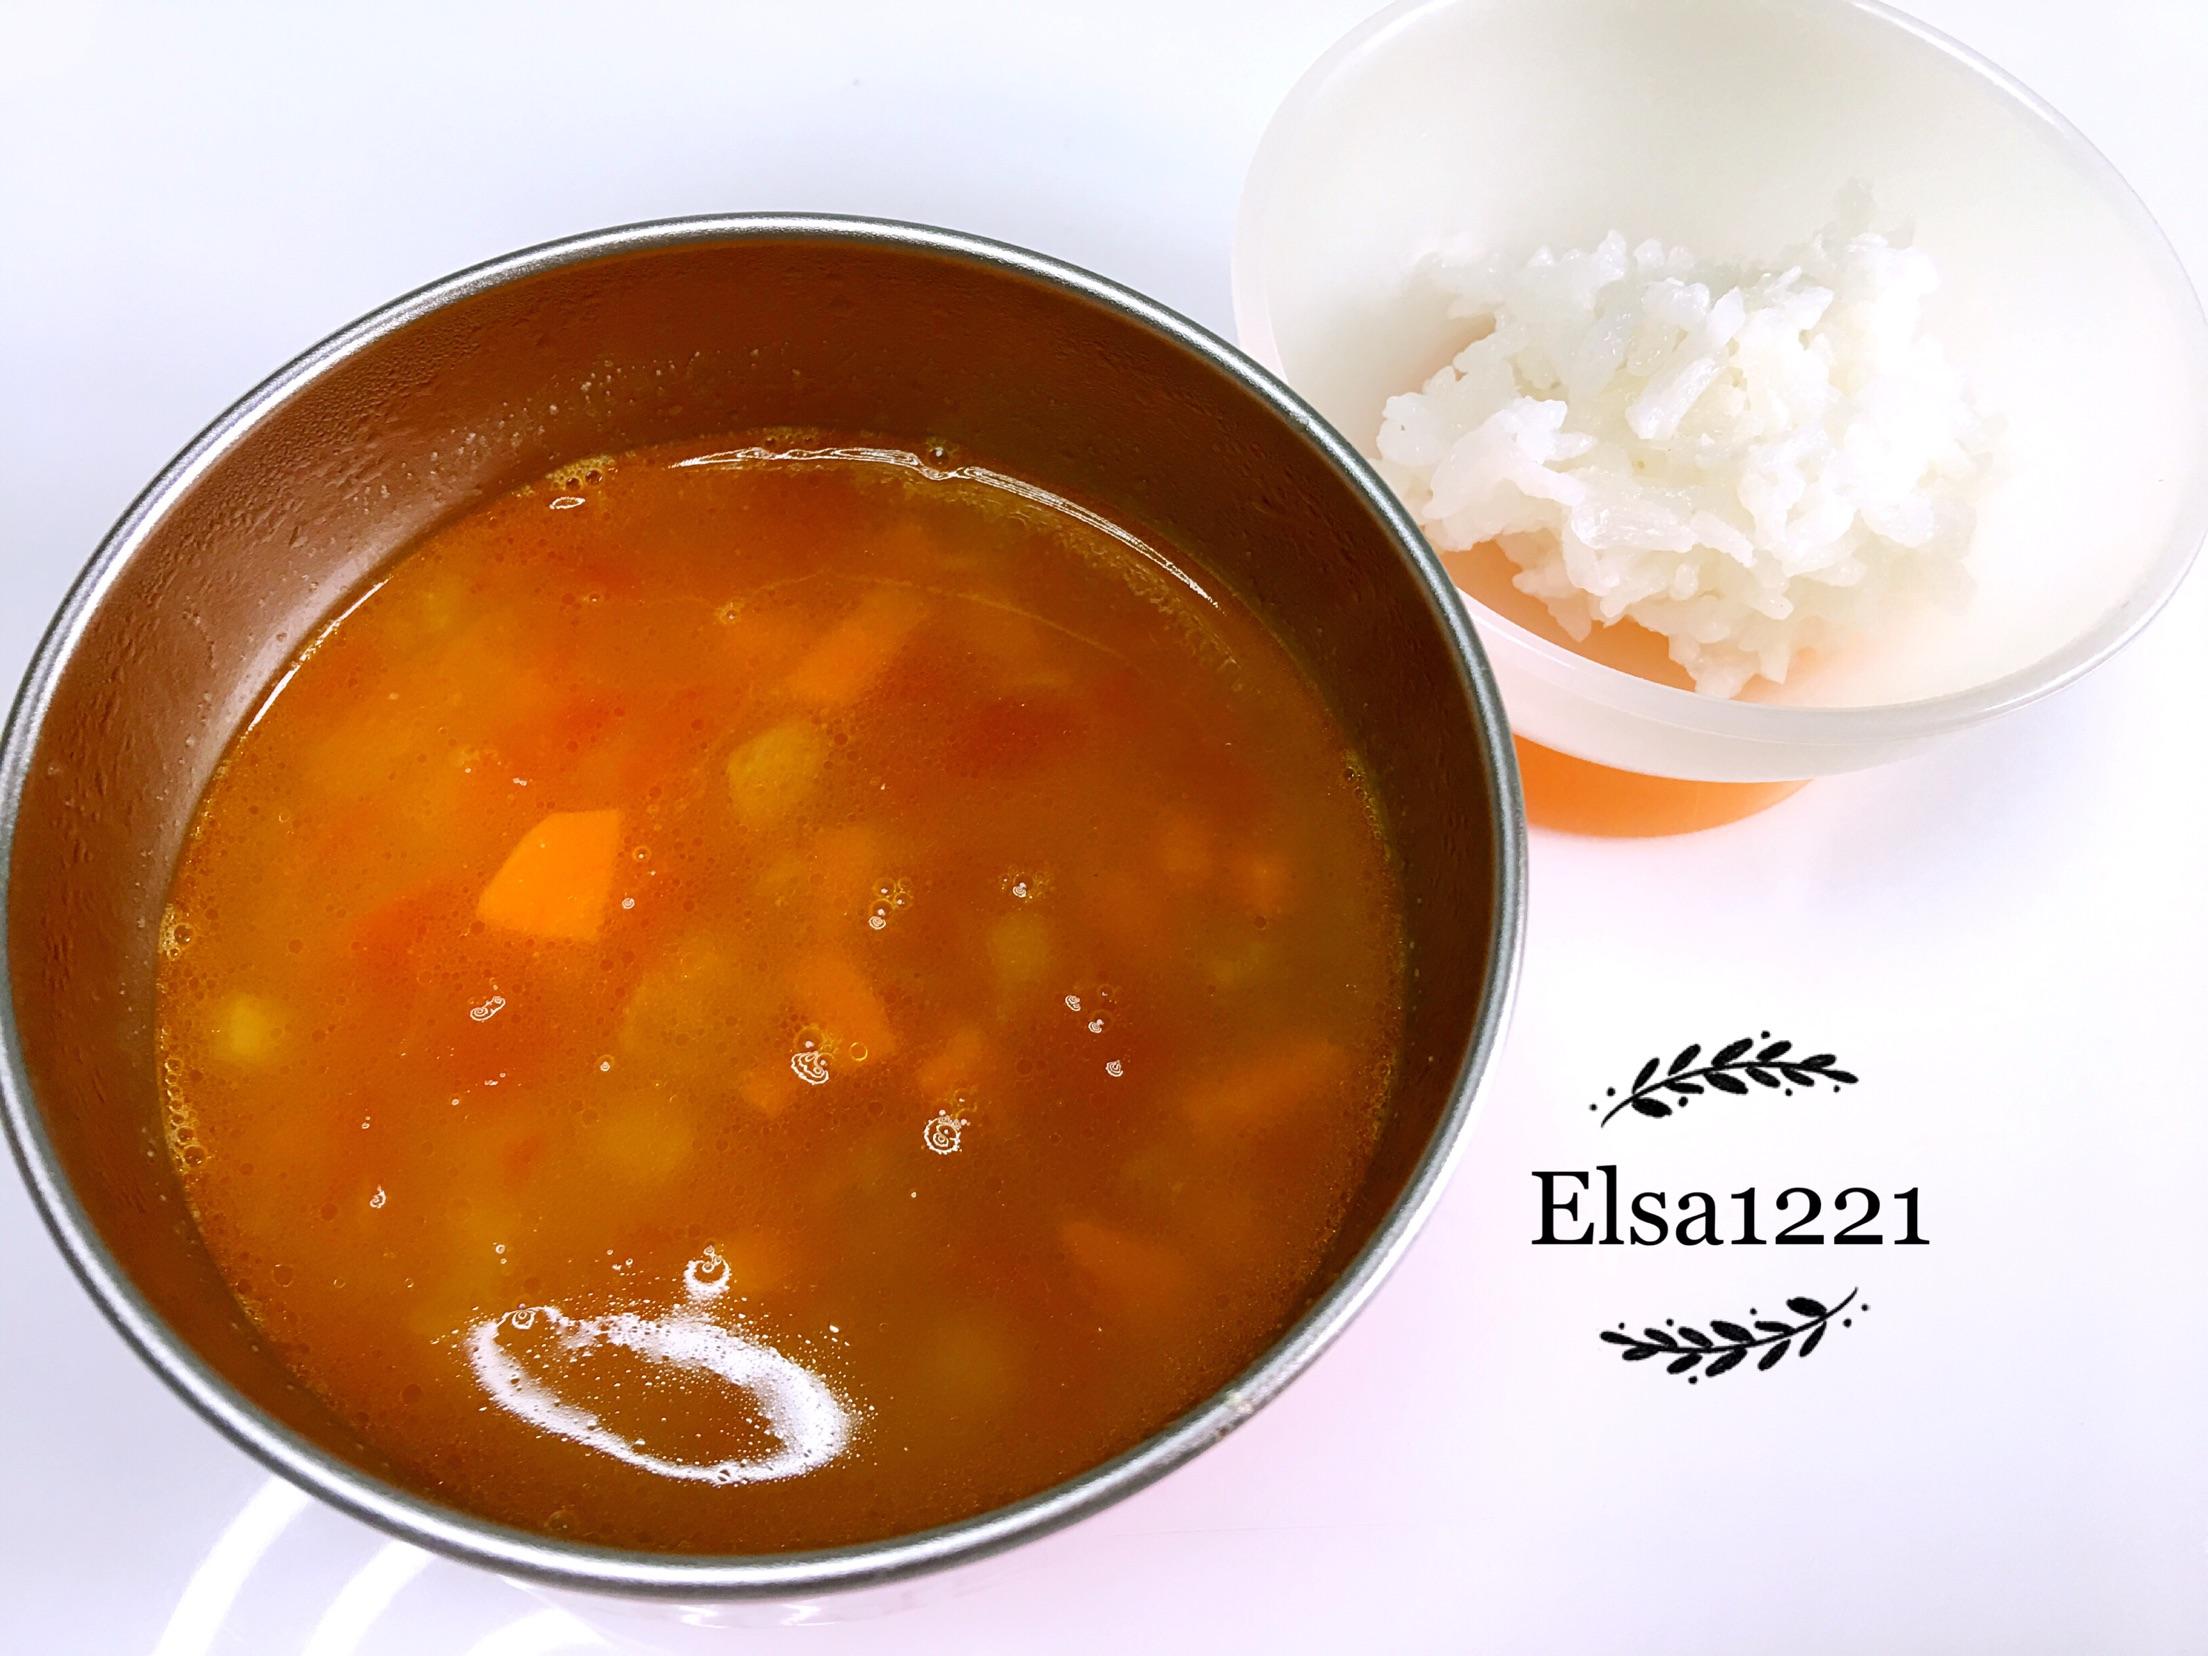 土豆20g 西红柿半个 洋葱10g 胡萝卜20g 黄油5g 宝宝罗宋汤的做法步骤